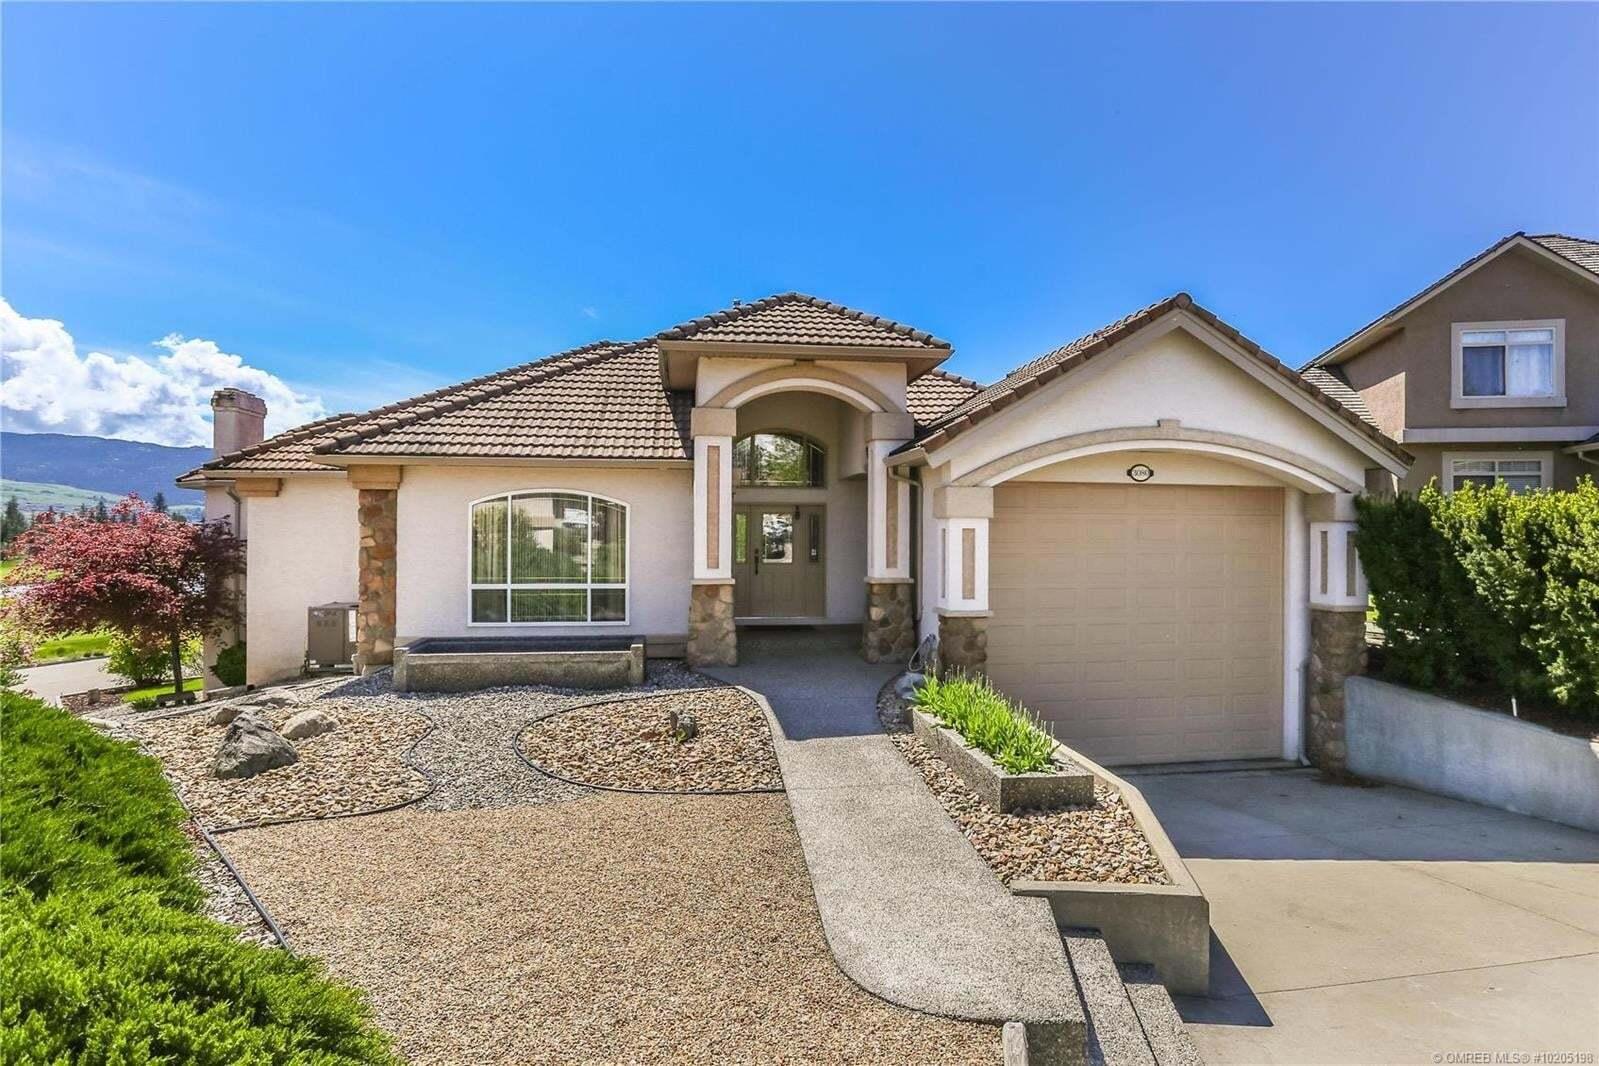 House for sale at 3080 Quail Cres Kelowna British Columbia - MLS: 10205198